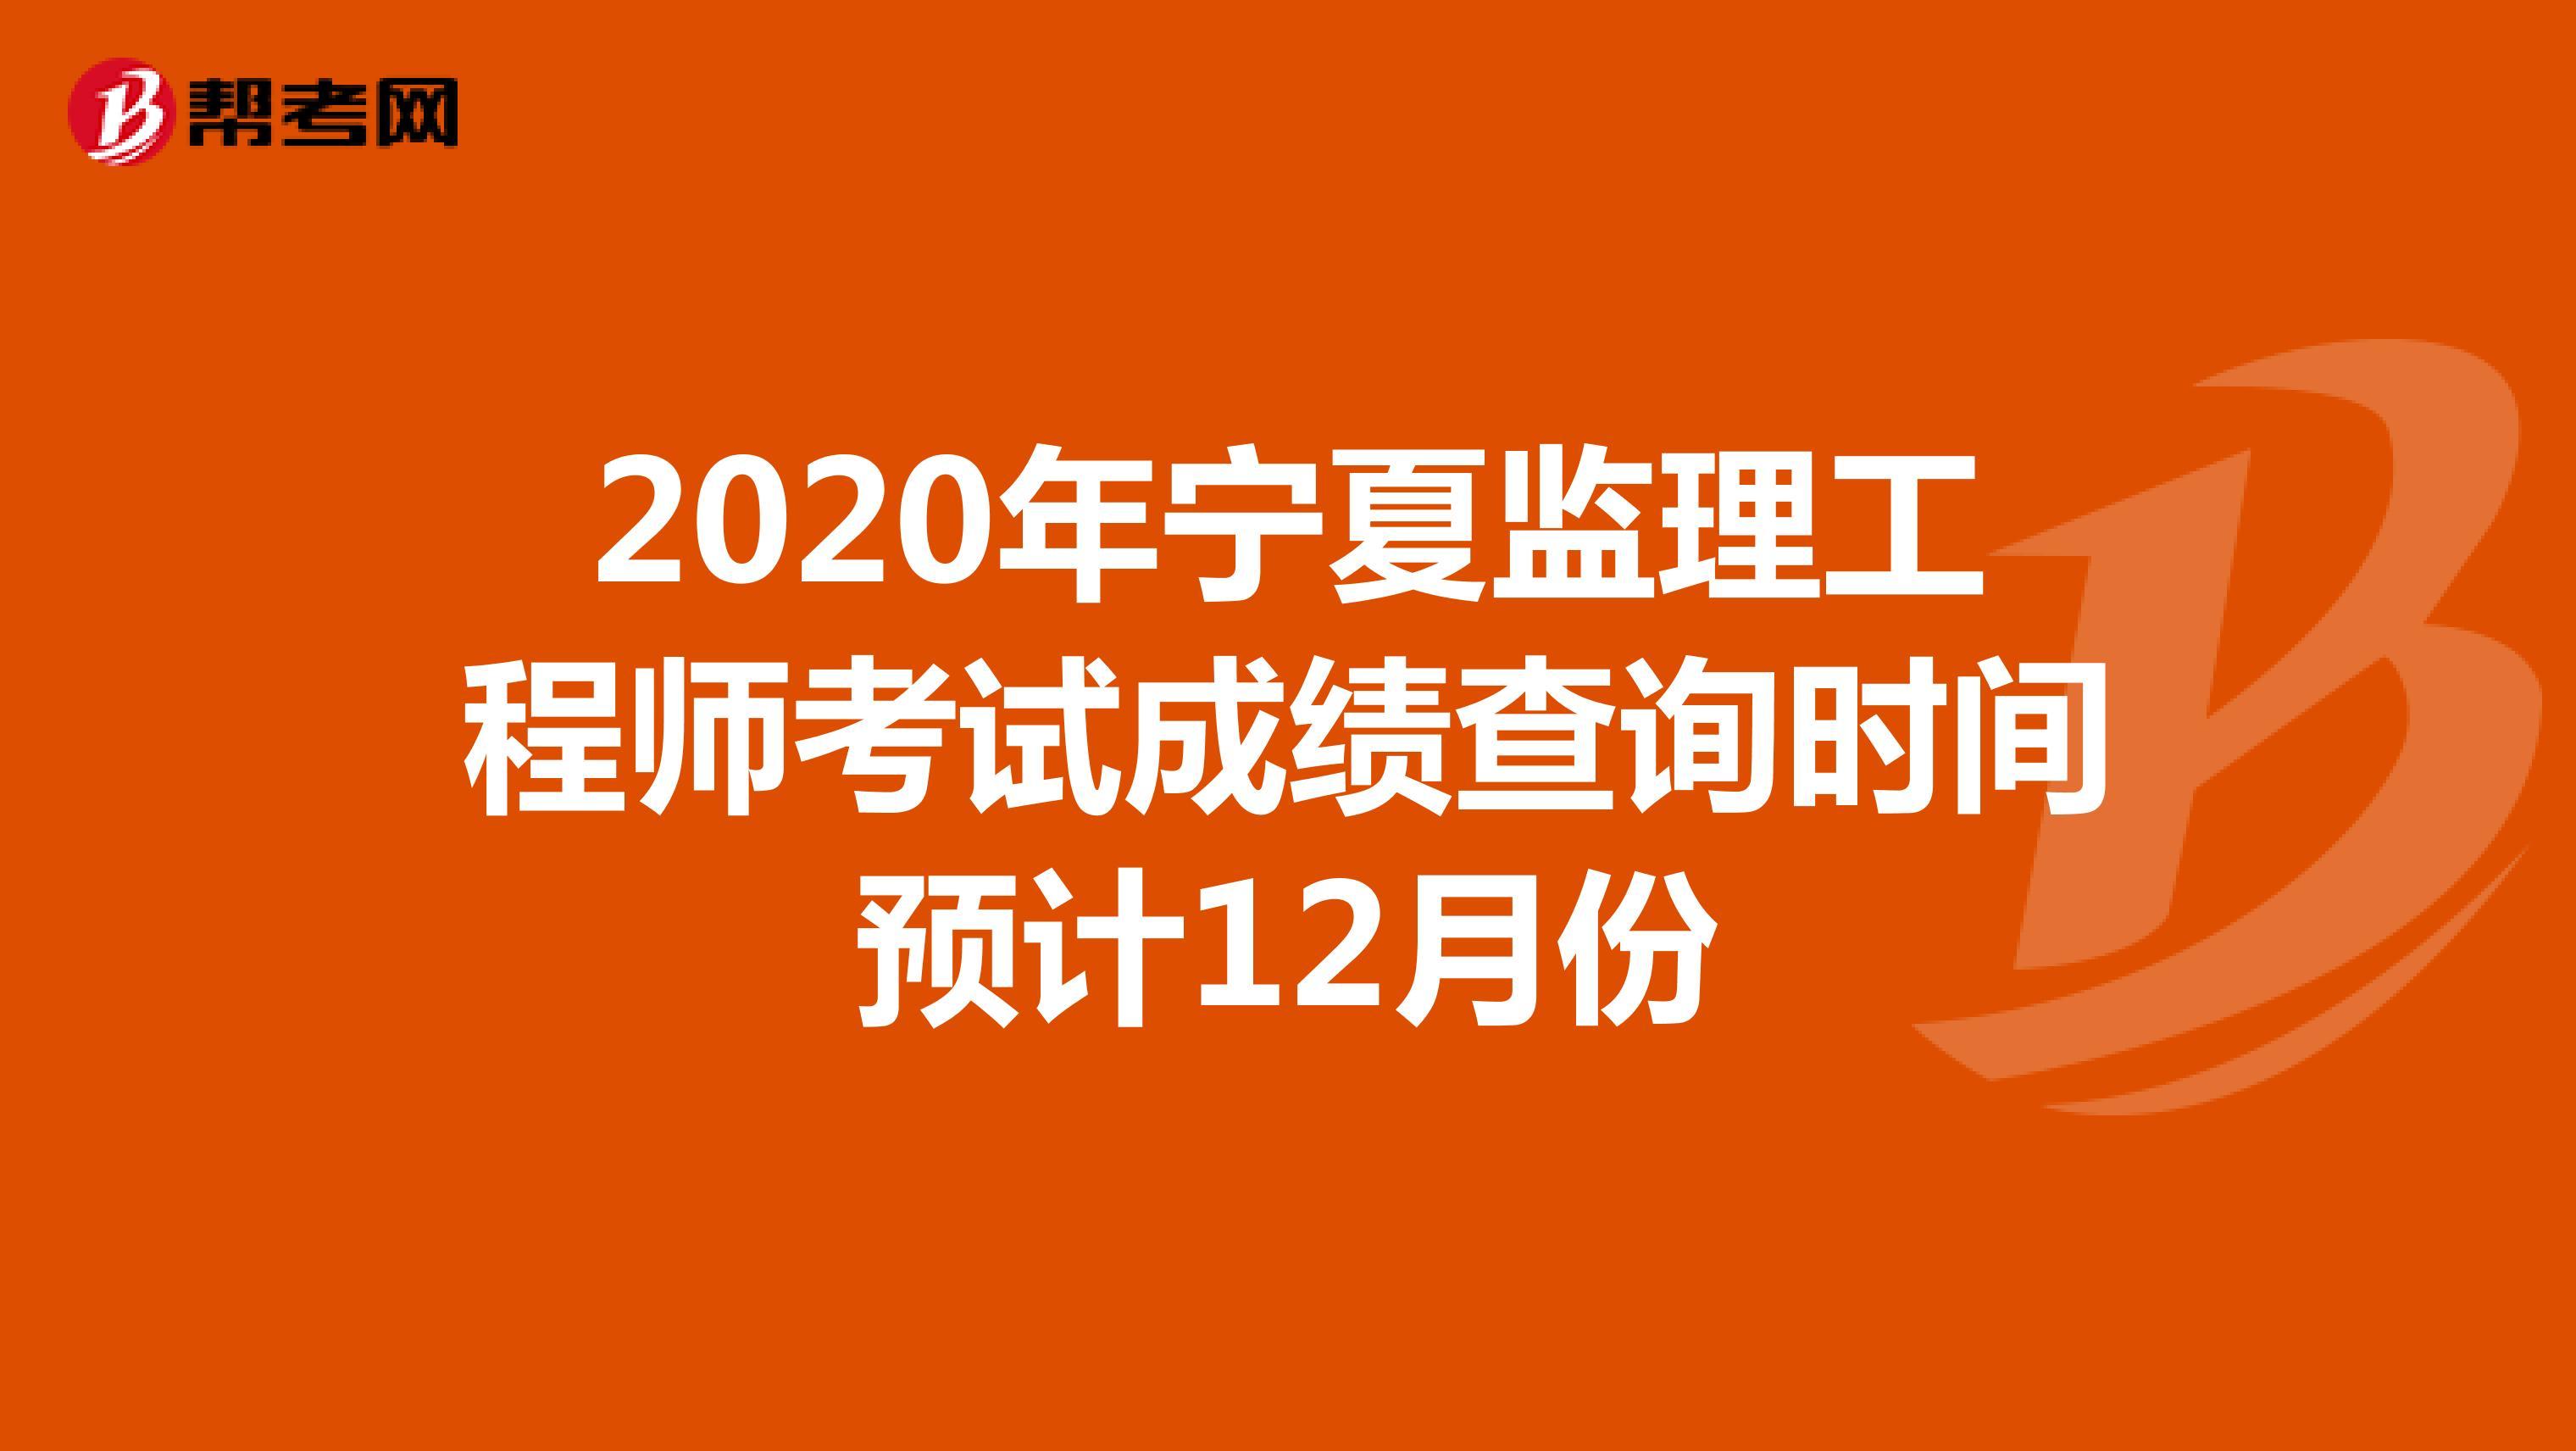 2020年宁夏监理工程师考试成绩查询时间预计12月份